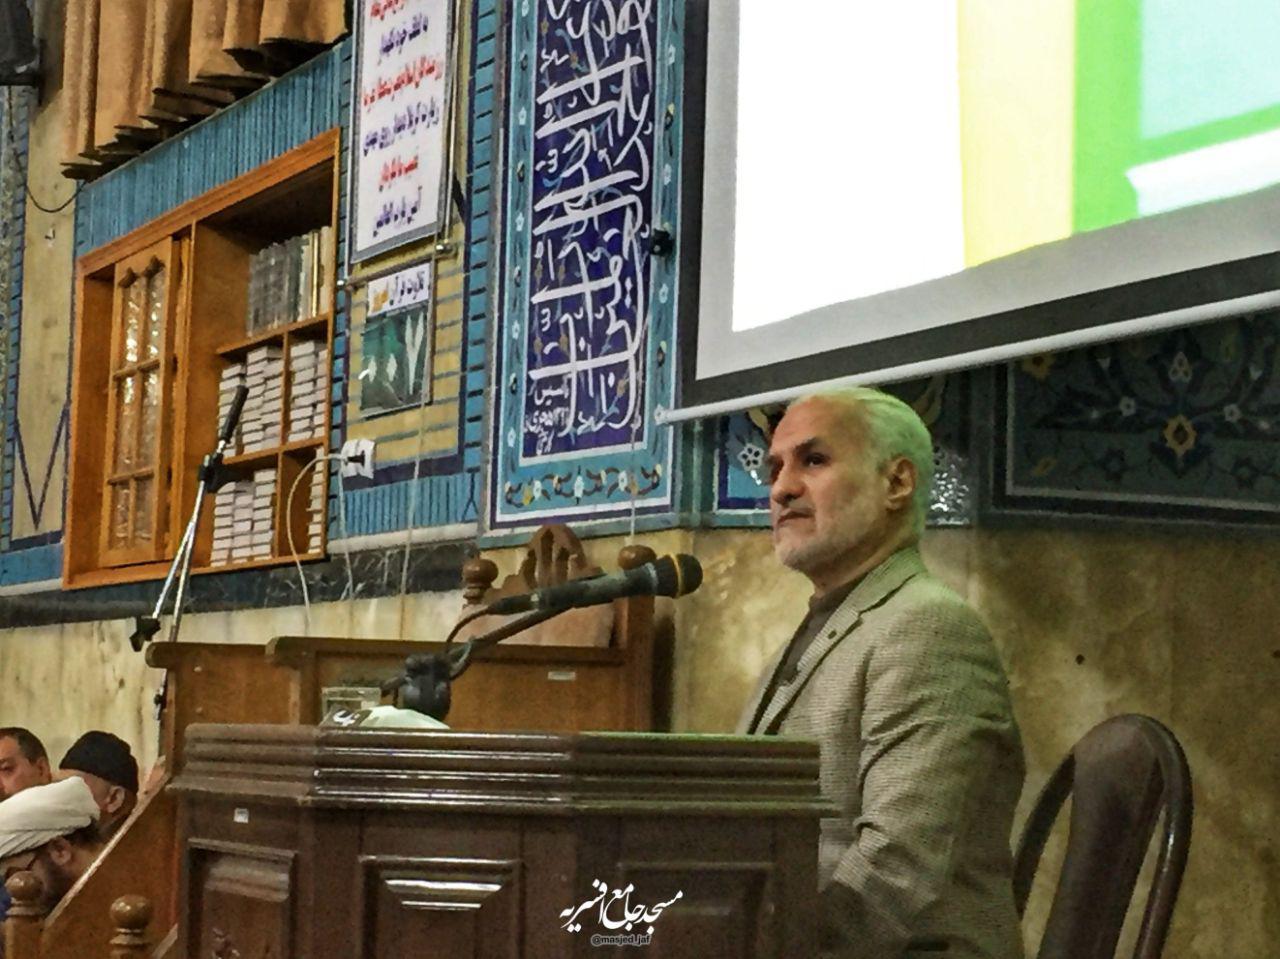 IMG 971123%20%281%29 نقل از تصویری؛ سخنرانی استاد حسن عباسی با موضوع چهل سالگی انقلاب اسلامی و همچنين افق های پیش رو